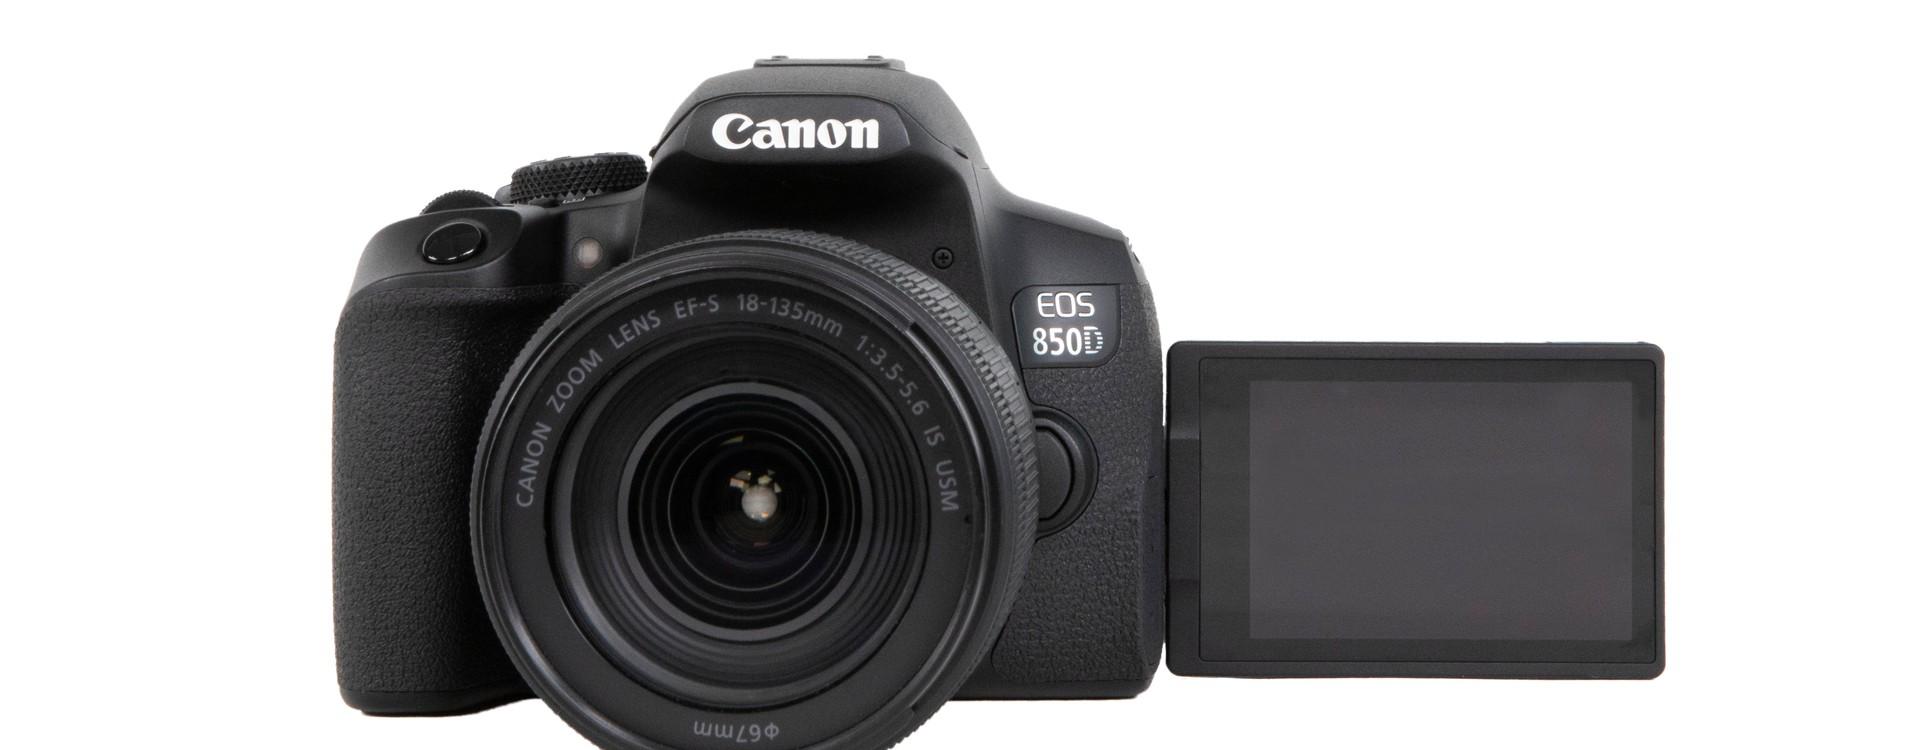 Canon lance le reflex numérique EOS 850D pour les amateurs passionnés